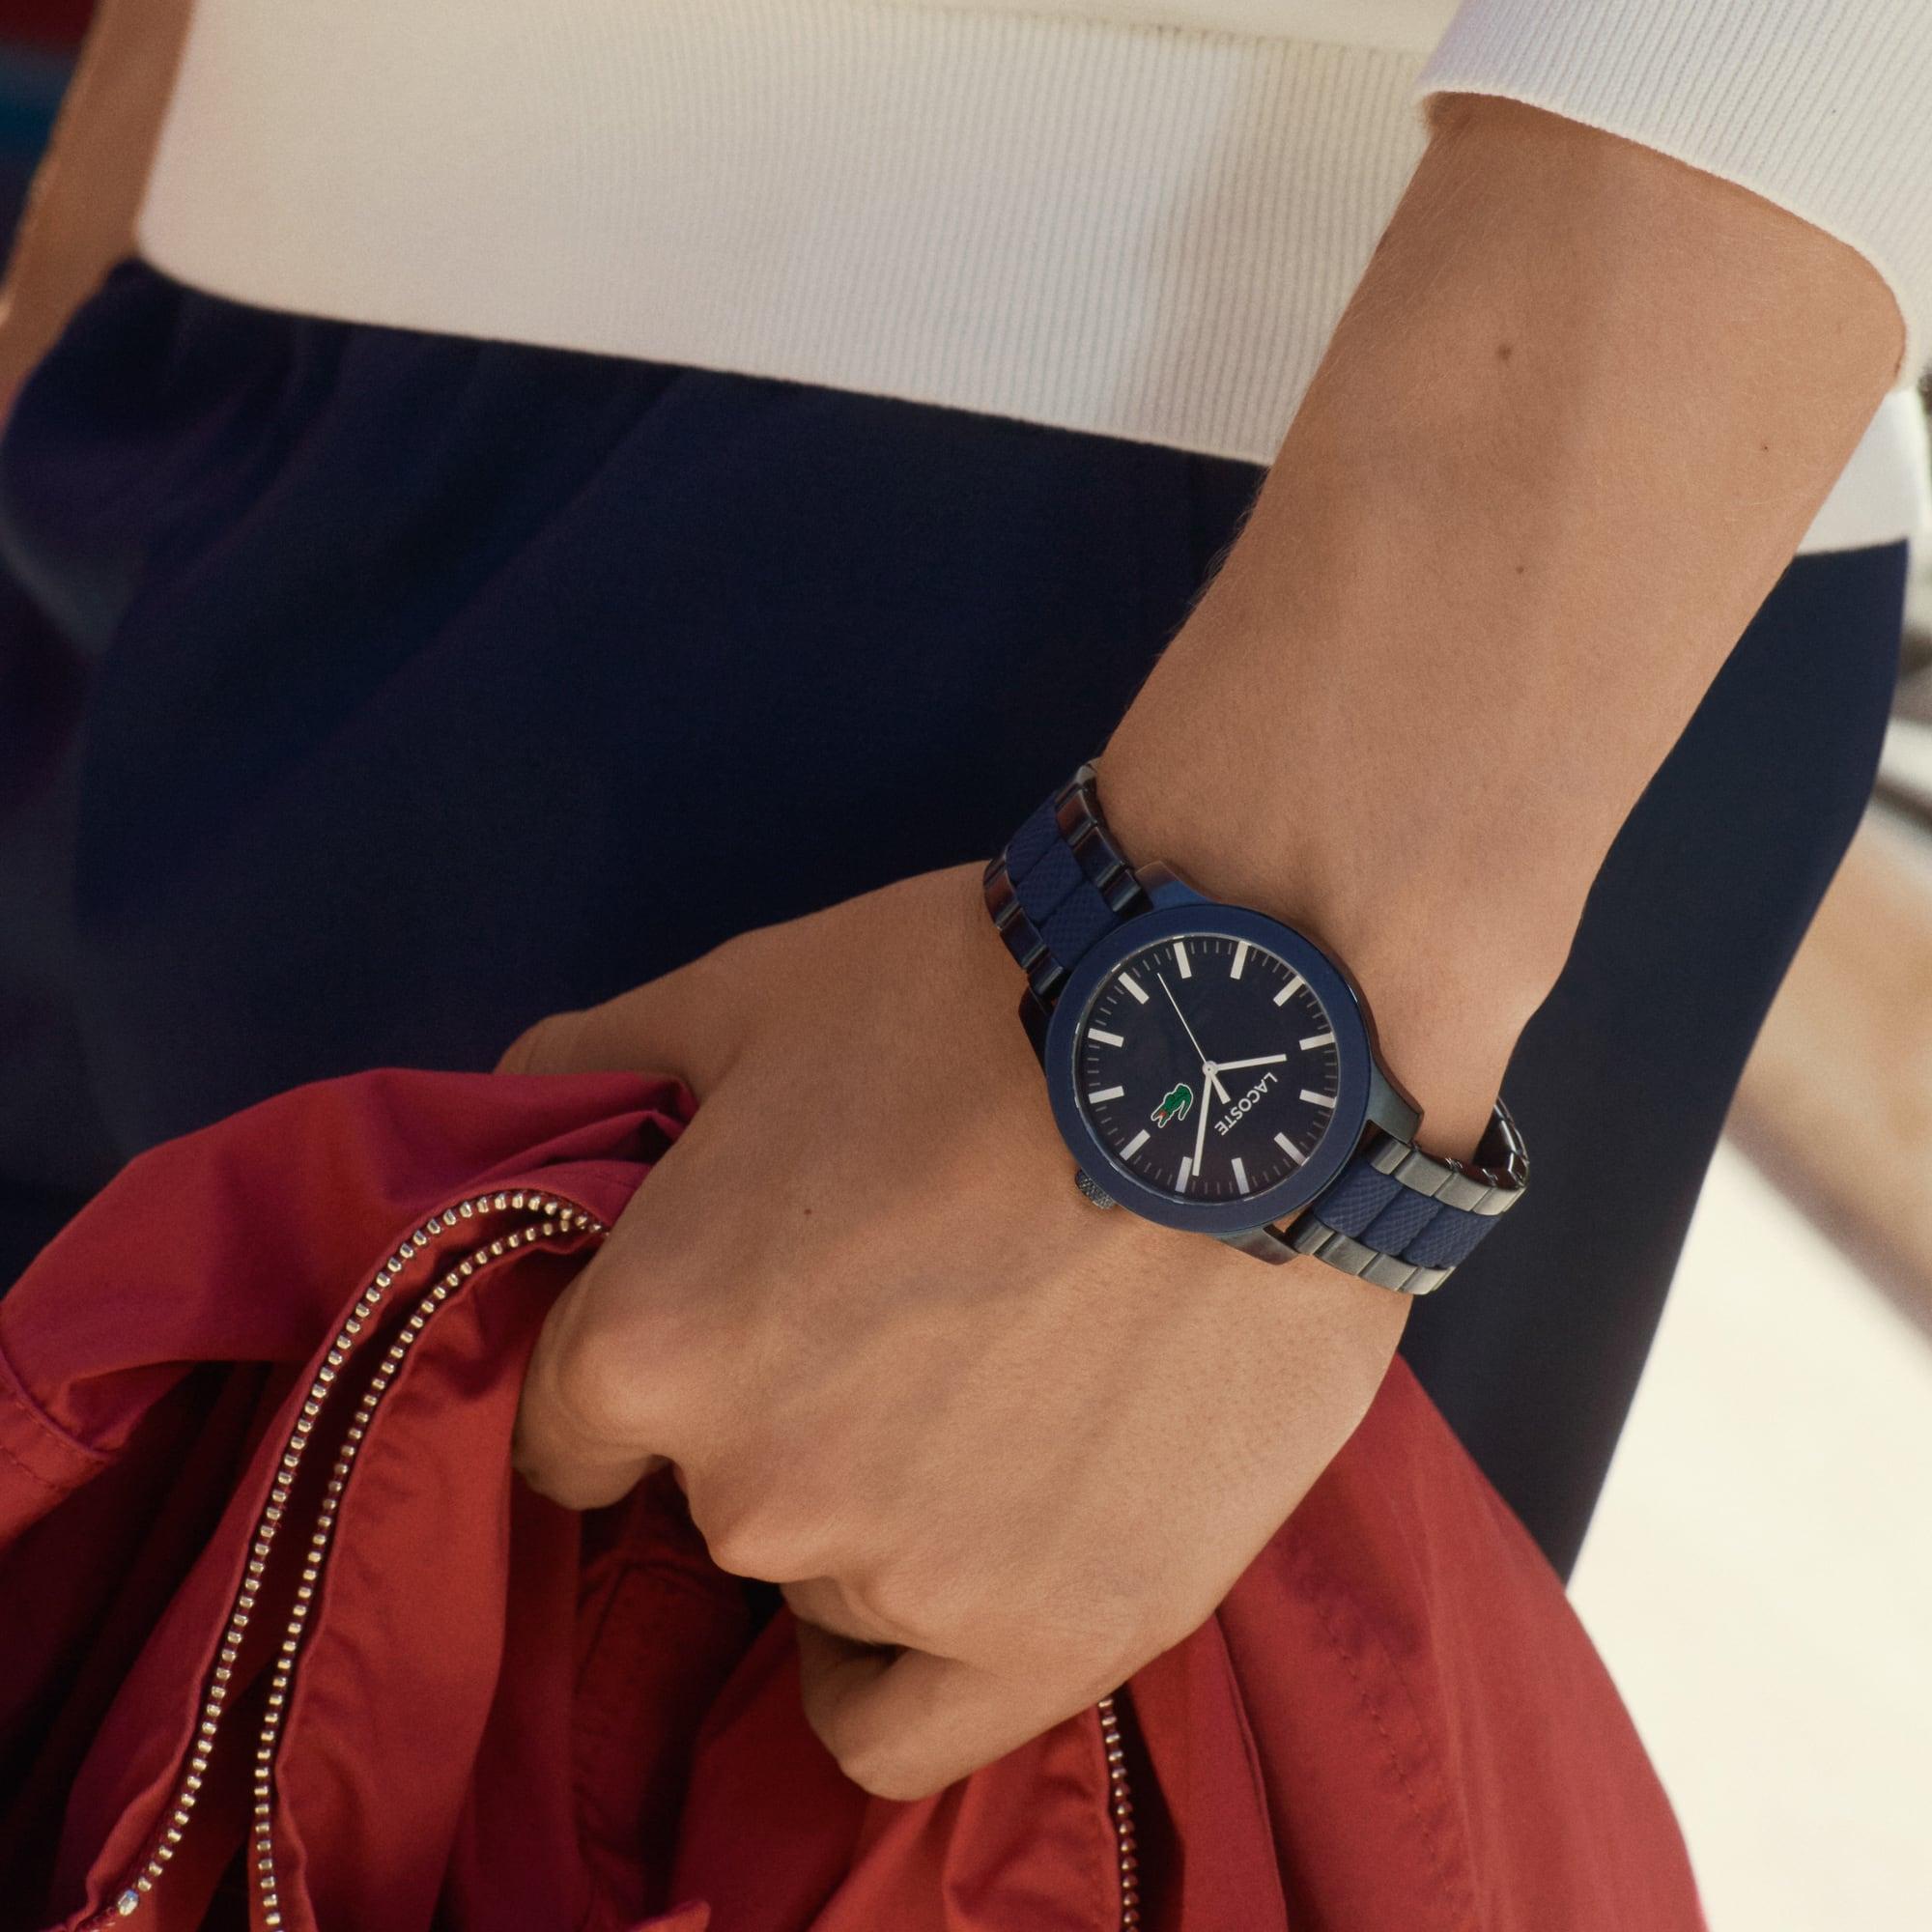 Reloj de Hombre Lacoste 12.12 con Pulsera Chapada En Gris Y Silicona Azul